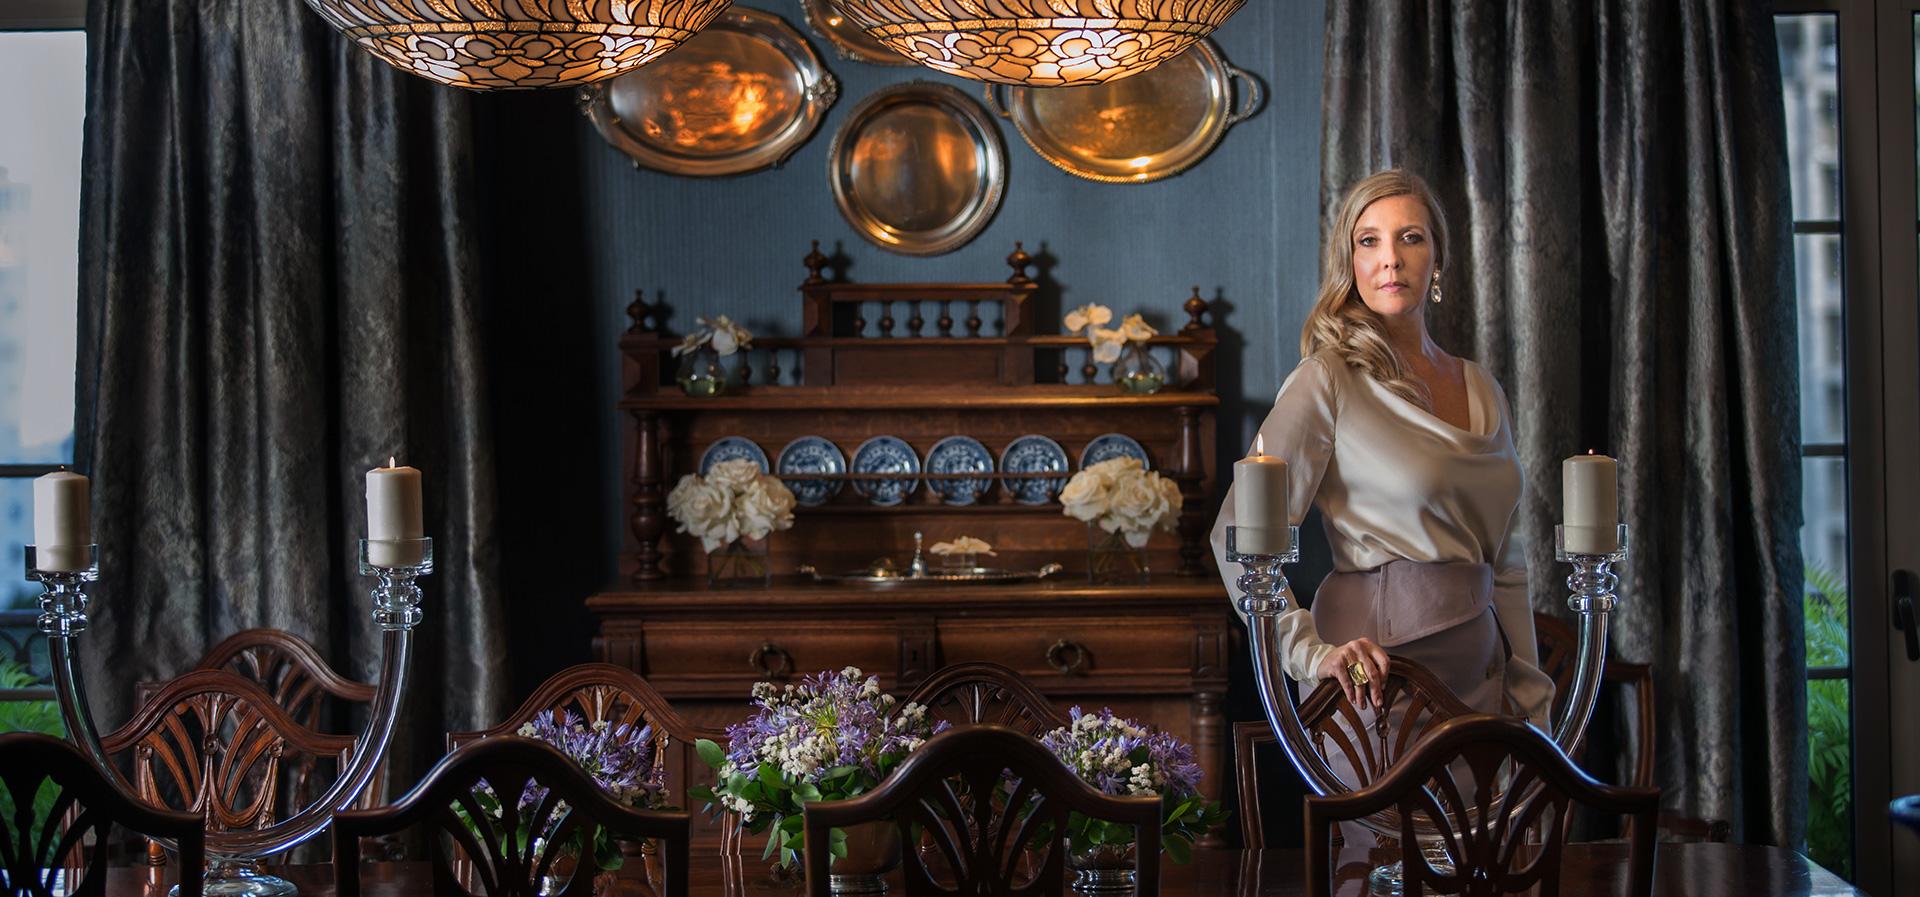 Interiores Sandra Ehlert